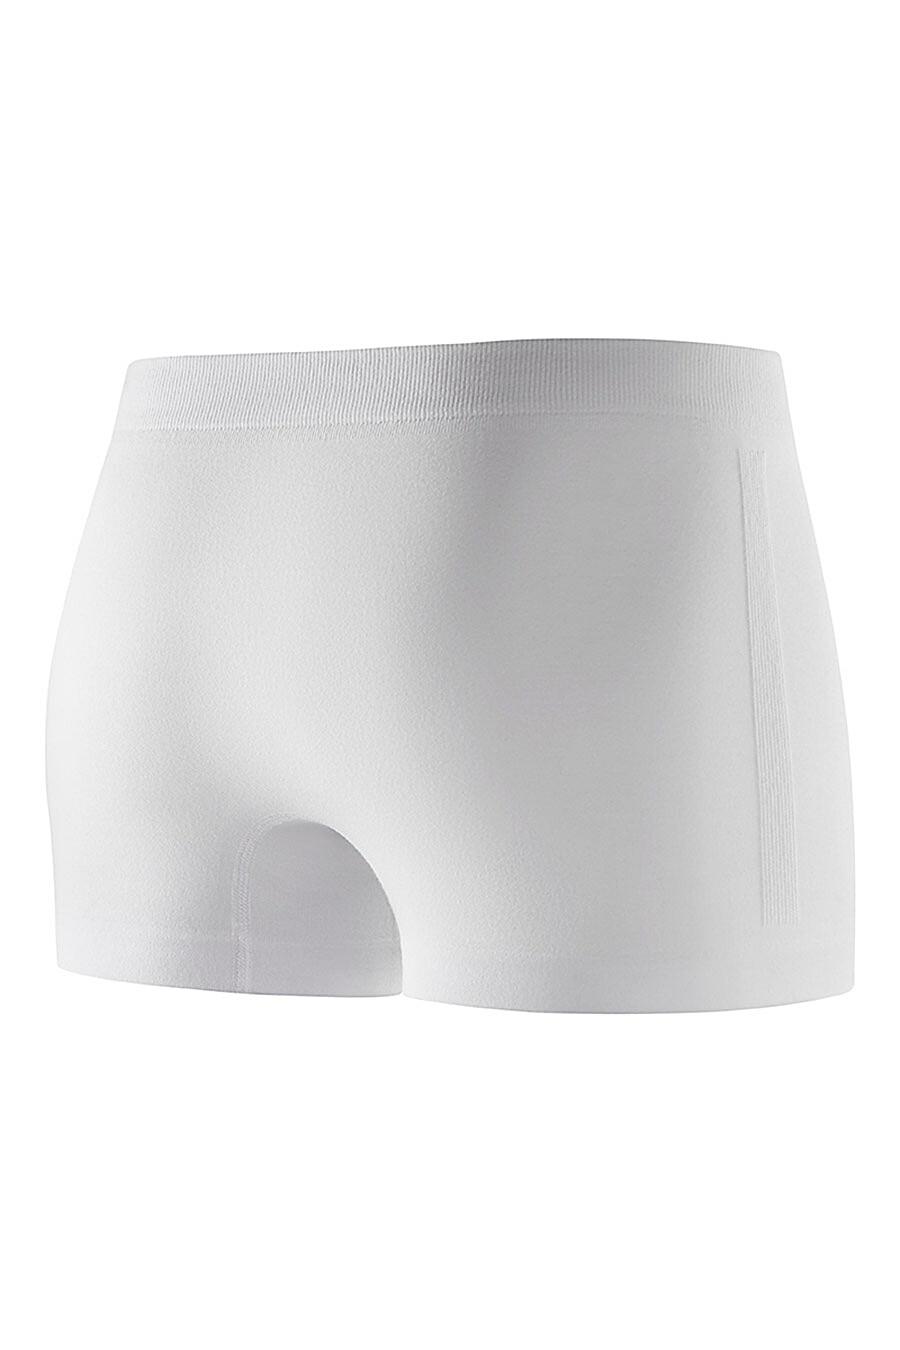 Трусы для мужчин TEKSA 218701 купить оптом от производителя. Совместная покупка мужской одежды в OptMoyo